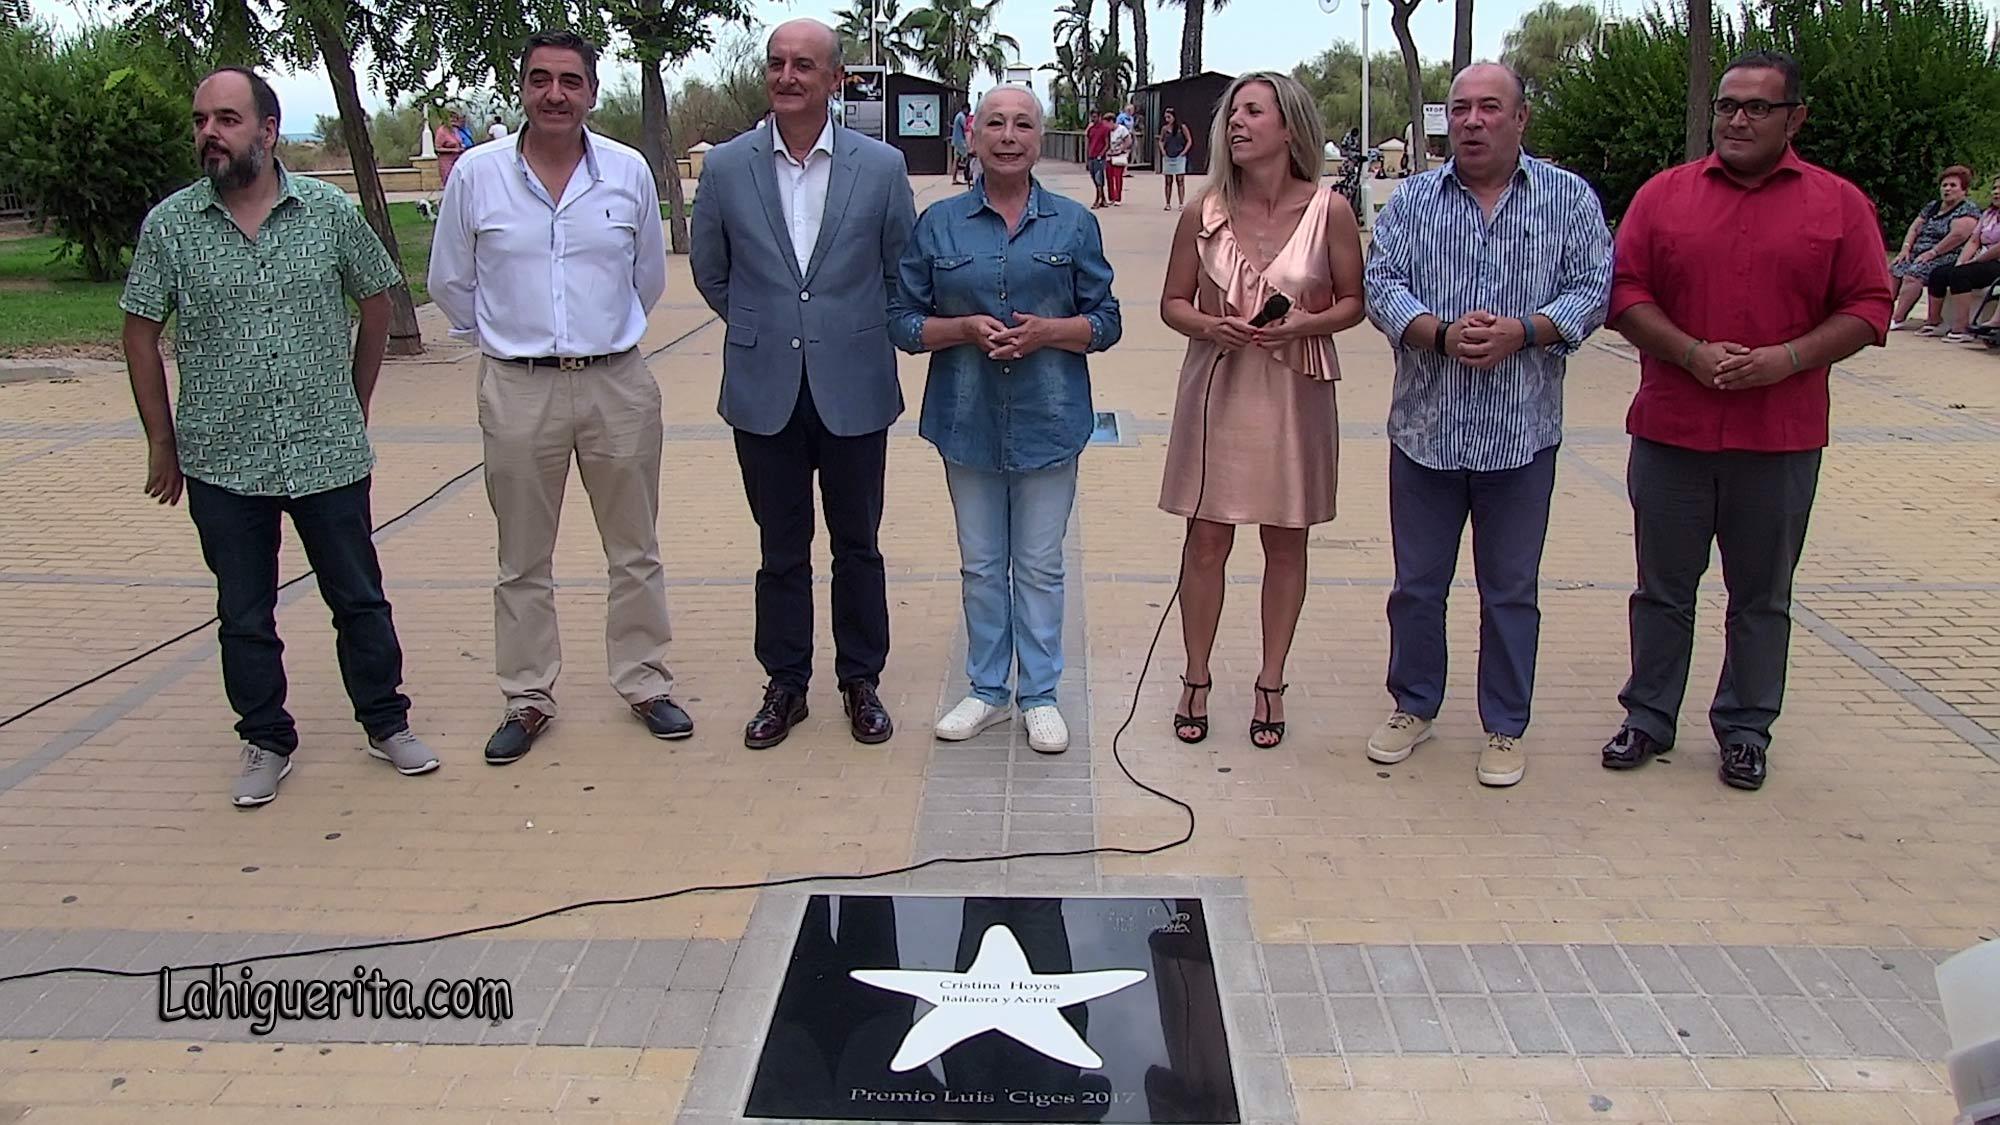 Cristina Hoyos descubre su nueva estrella en el Paseo de la Fama de Islantilla